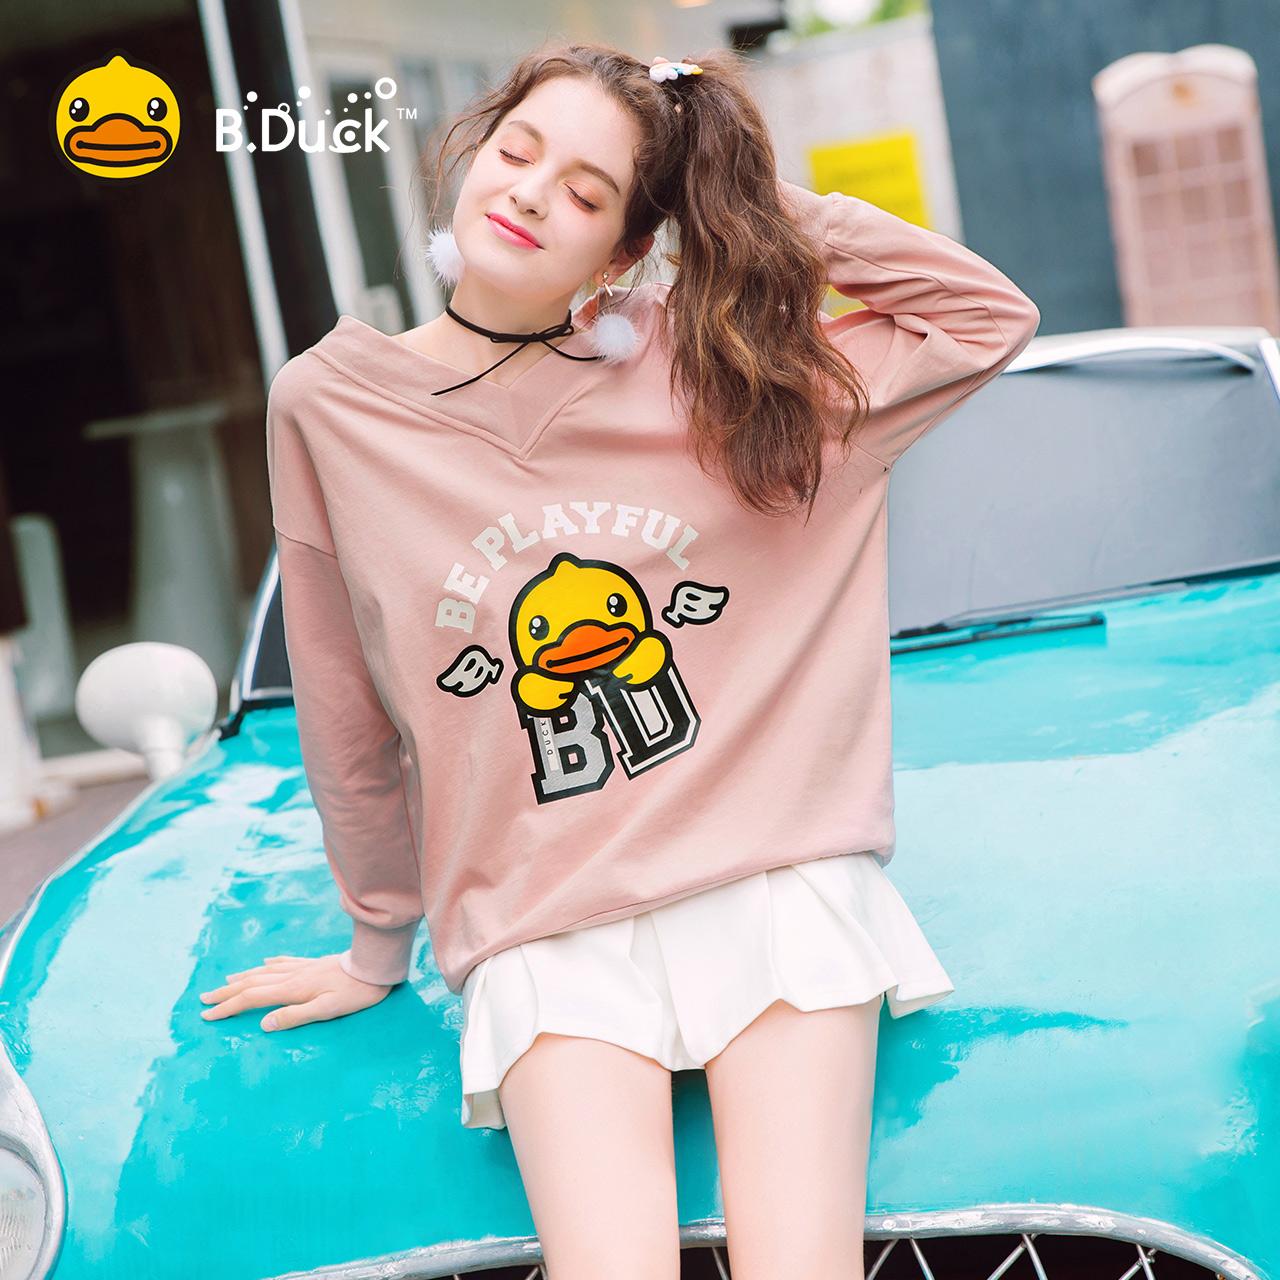 23区 B.Duck小黄鸭女装2017秋季新款时尚V领长袖T恤休闲卫衣宽松上衣